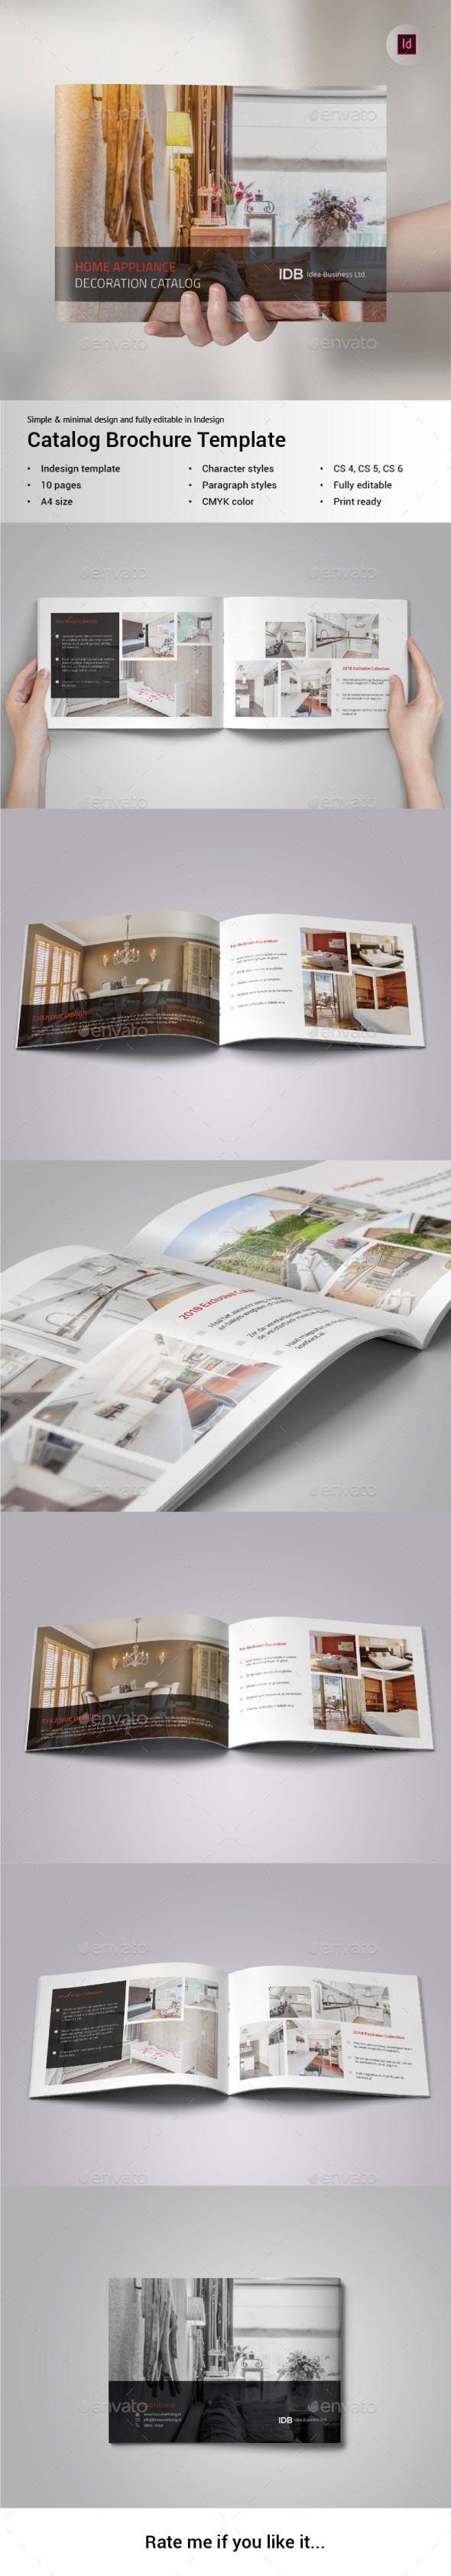 Catalog Brochure - Brochures Print Templates